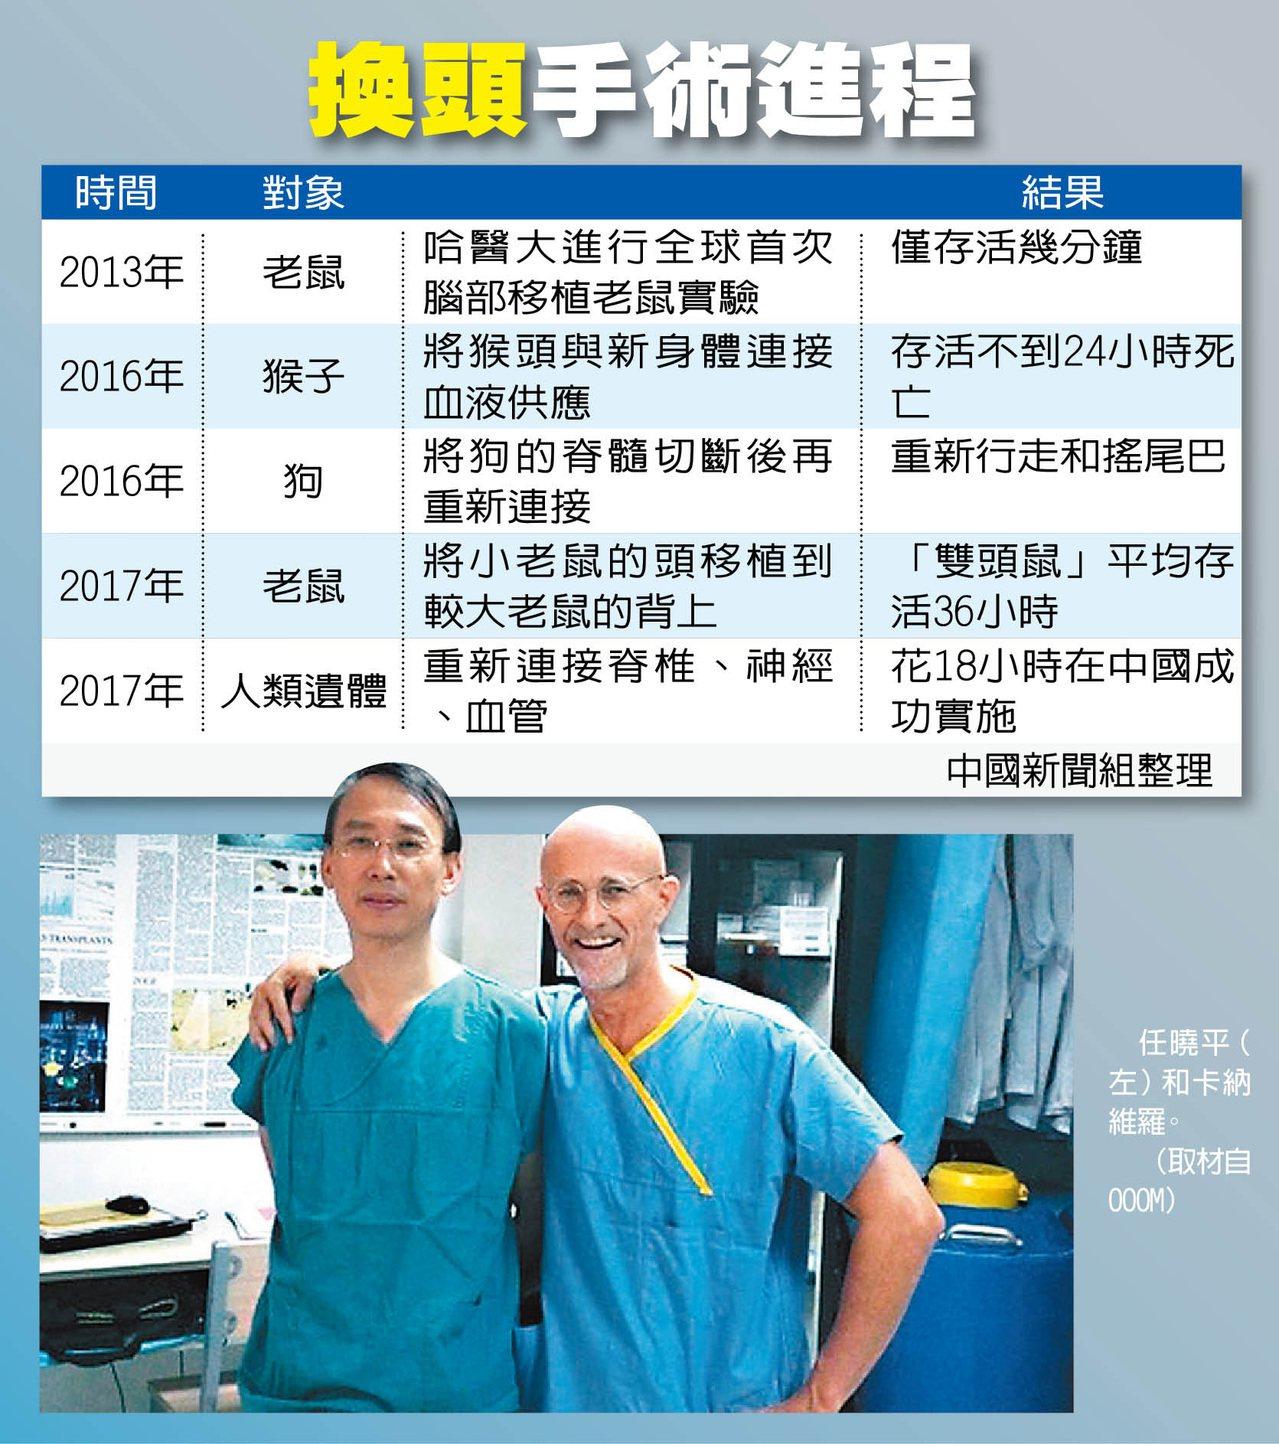 世界首例遺體頭顱移植手術在中國成功實施。